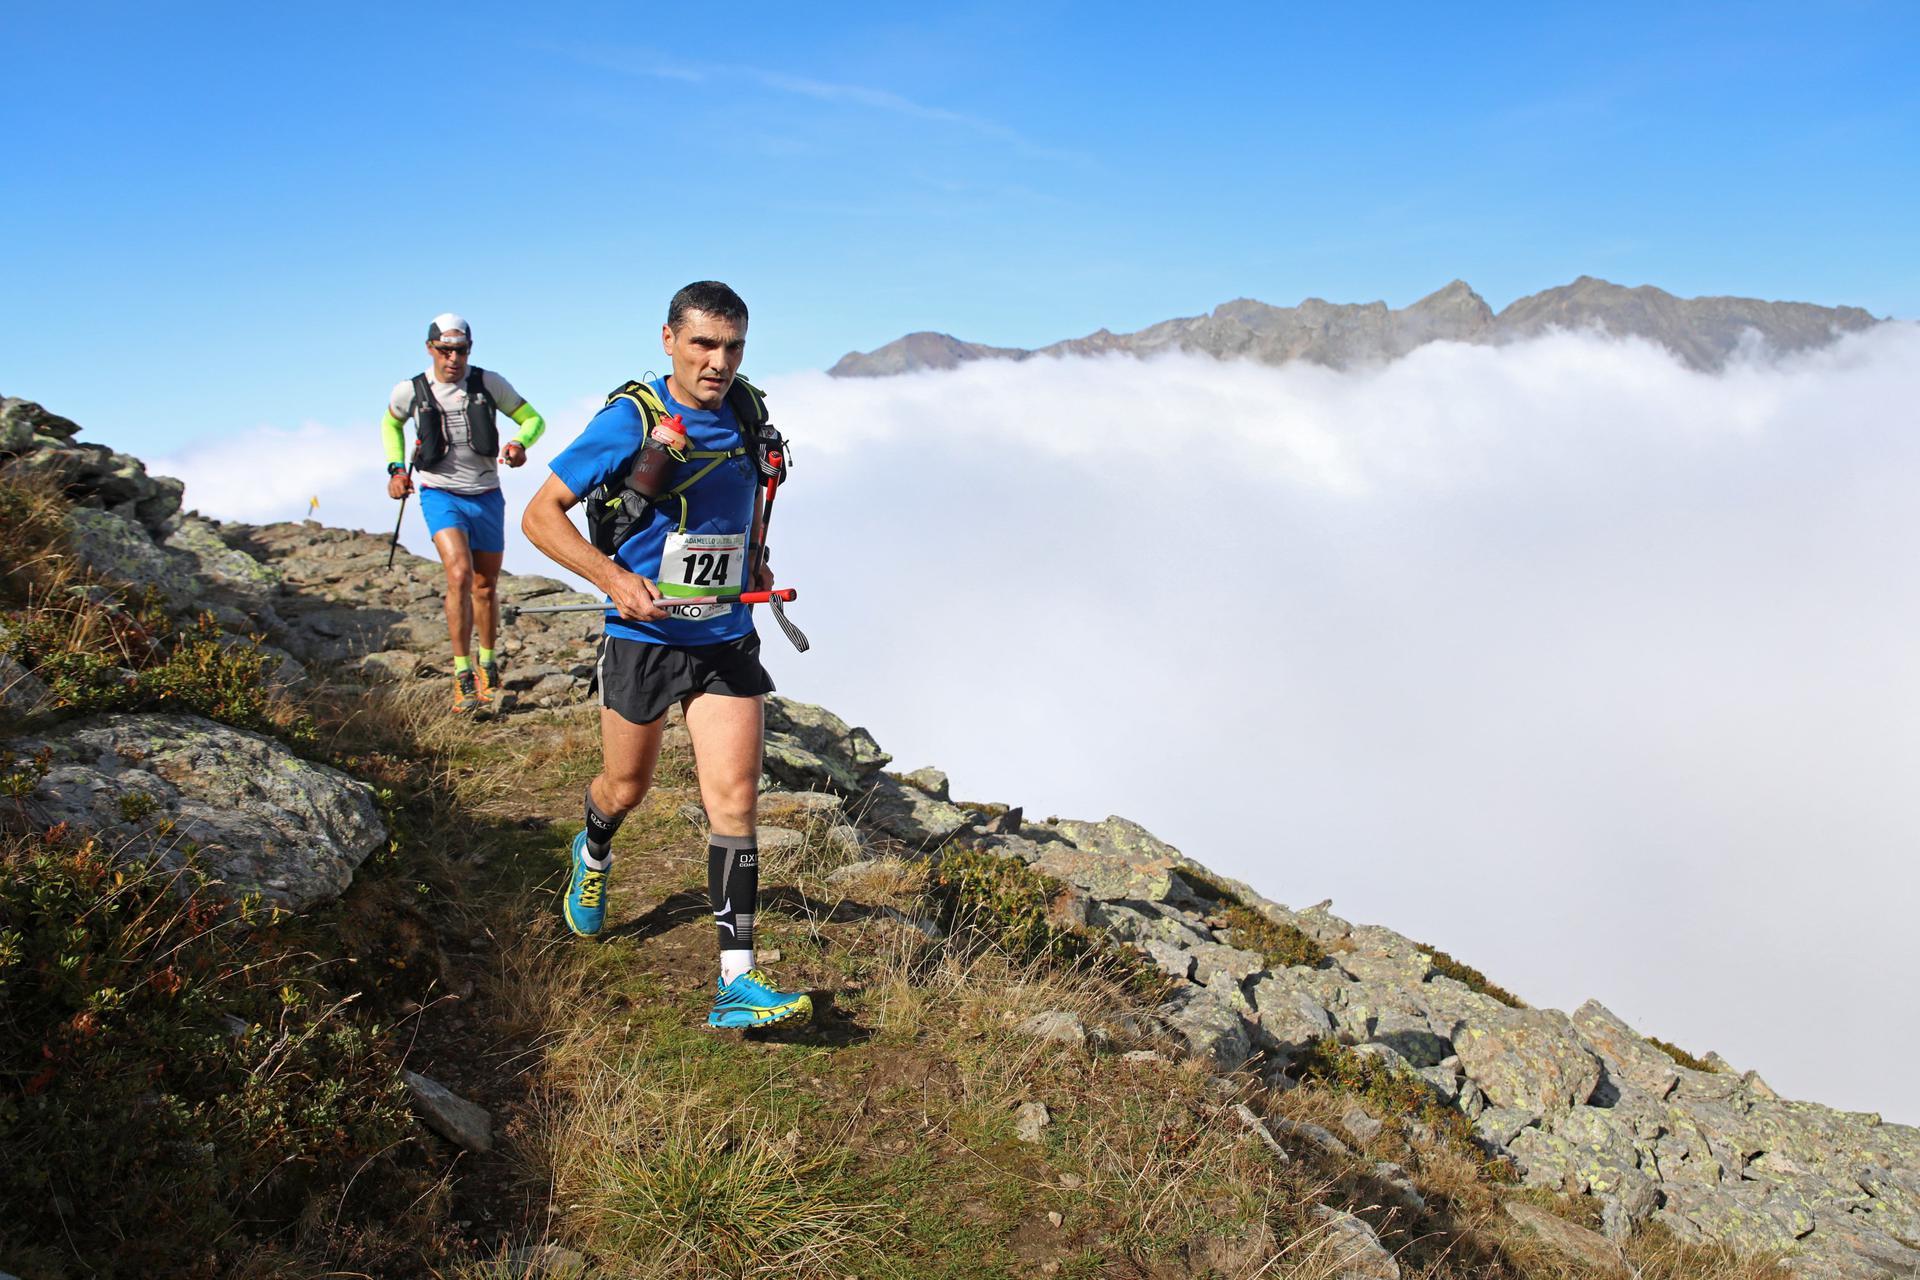 Nella bella immagine del fotografo Thomas Martini una fase di gara del percorso più lungo da 170km